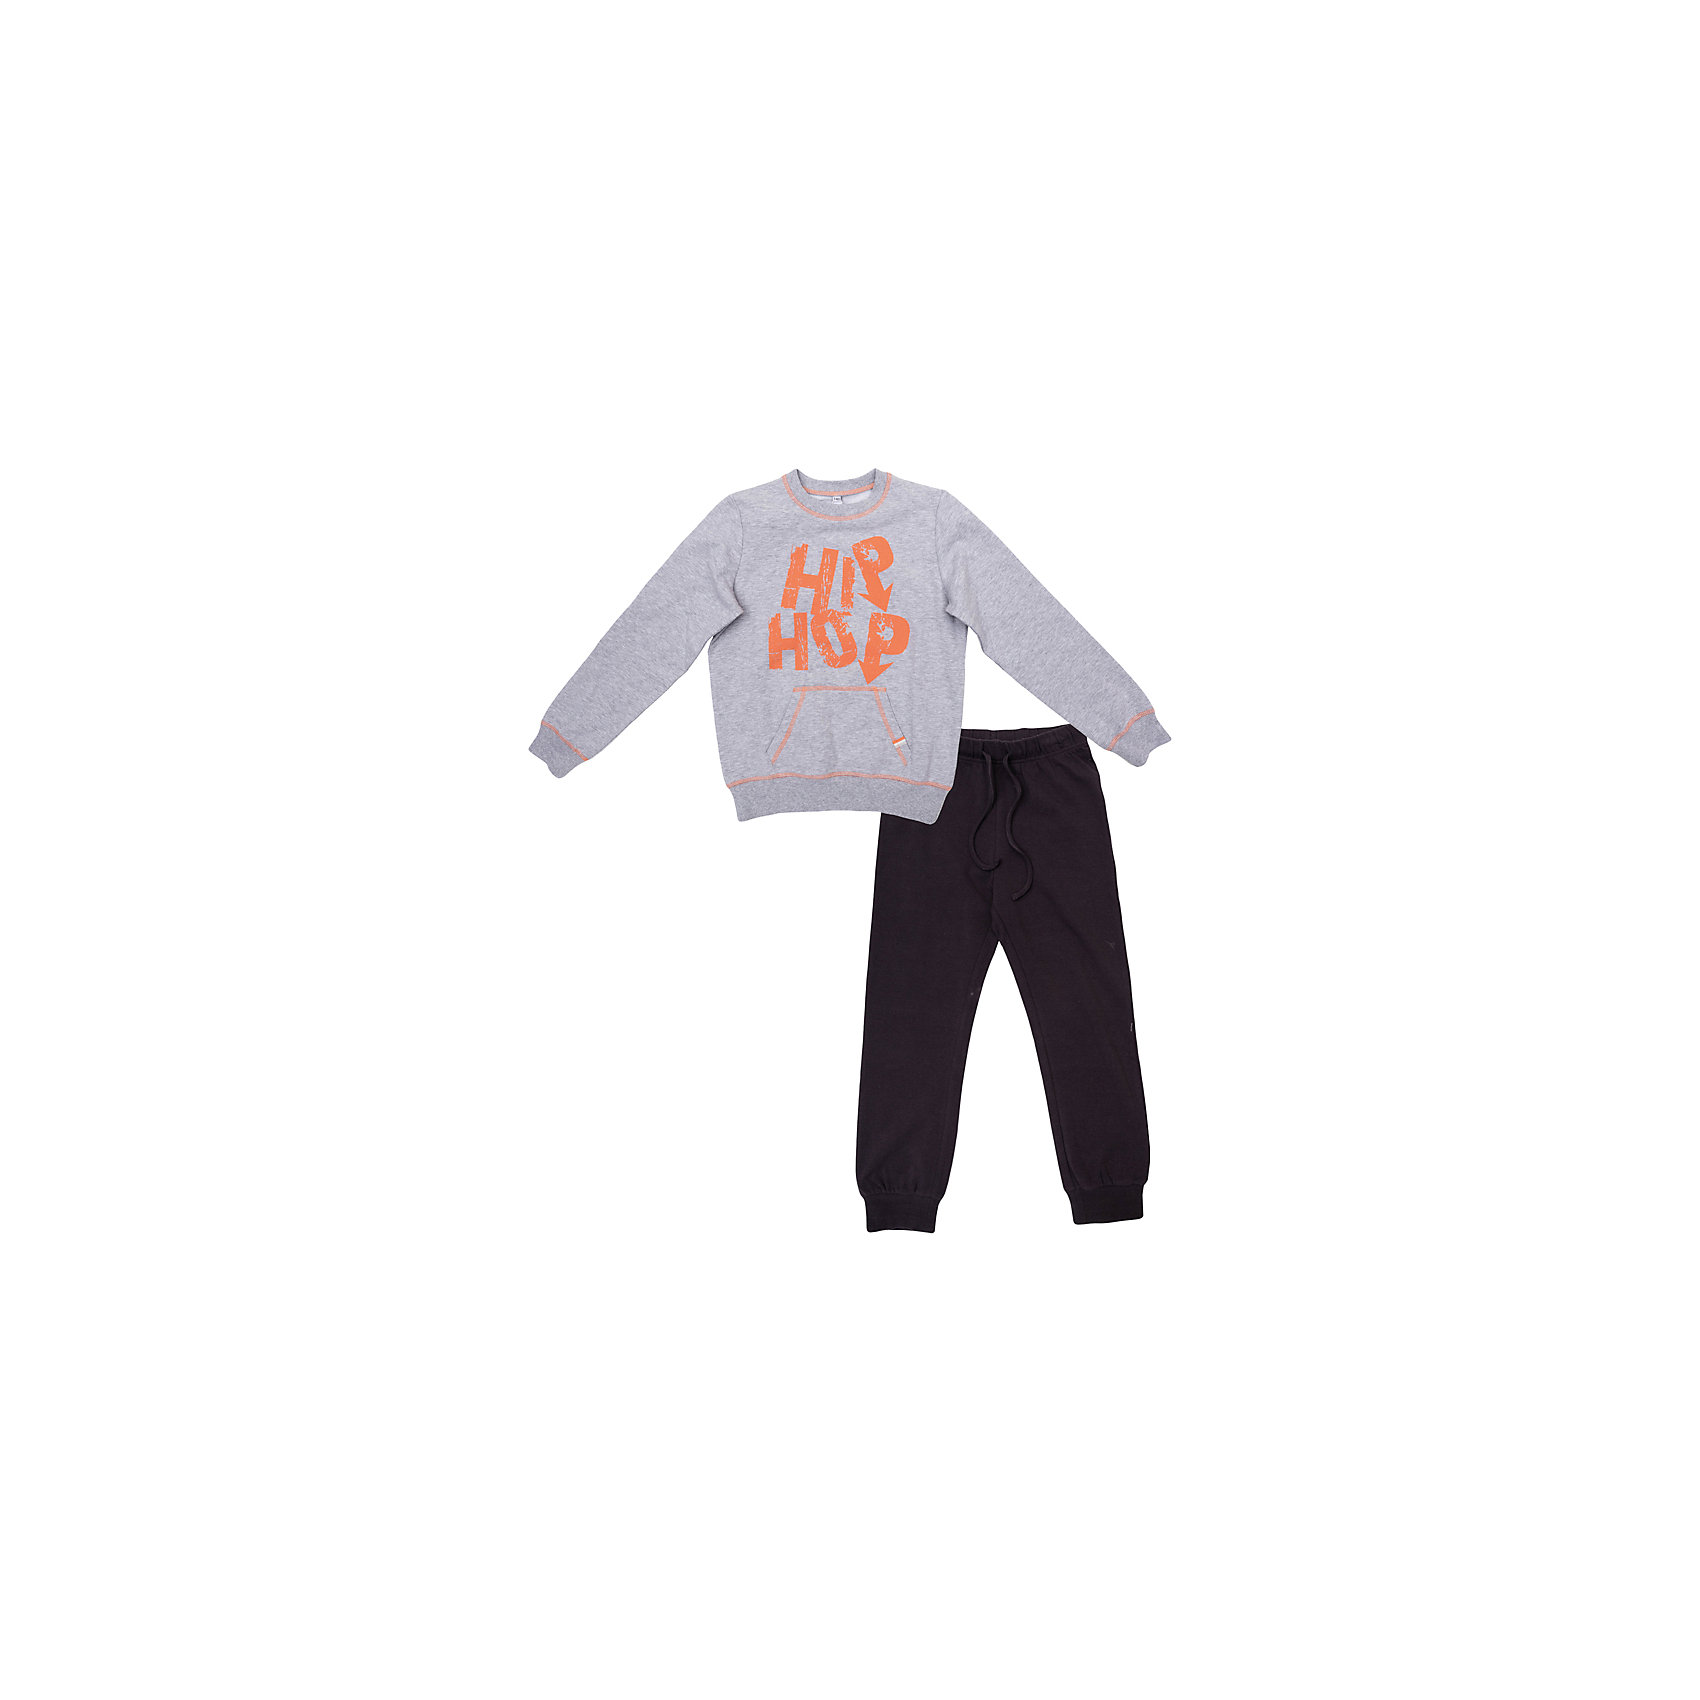 Комплект: толстовка и брюки для мальчика ScoolСпортивная форма<br>Комплект: толстовка и брюки для мальчика Scool – идеальный вариант для спортивной формы.<br>Черные штаны свободного покроя, снизу утягиваются резинкой. Регулируются веревочками. Серая кофта с оранжевой надписью, также утягивается резинками внизу и на рукавах. Теплый, но в тоже время дышащий комплект изготовлен из качественного материала, который не вызывает аллергии.<br><br>Дополнительная информация:<br><br>- материал: 95% хлопок, 5% эластан<br>- цвет: серый, черный<br>- в комплекте: толстовка и брюки<br><br>Комплект: толстовка и брюки для мальчика Scool можно купить в нашем интернет магазине.<br><br>Ширина мм: 215<br>Глубина мм: 88<br>Высота мм: 191<br>Вес г: 336<br>Цвет: черный<br>Возраст от месяцев: 120<br>Возраст до месяцев: 132<br>Пол: Мужской<br>Возраст: Детский<br>Размер: 146,158,152,140,164,134<br>SKU: 4911675